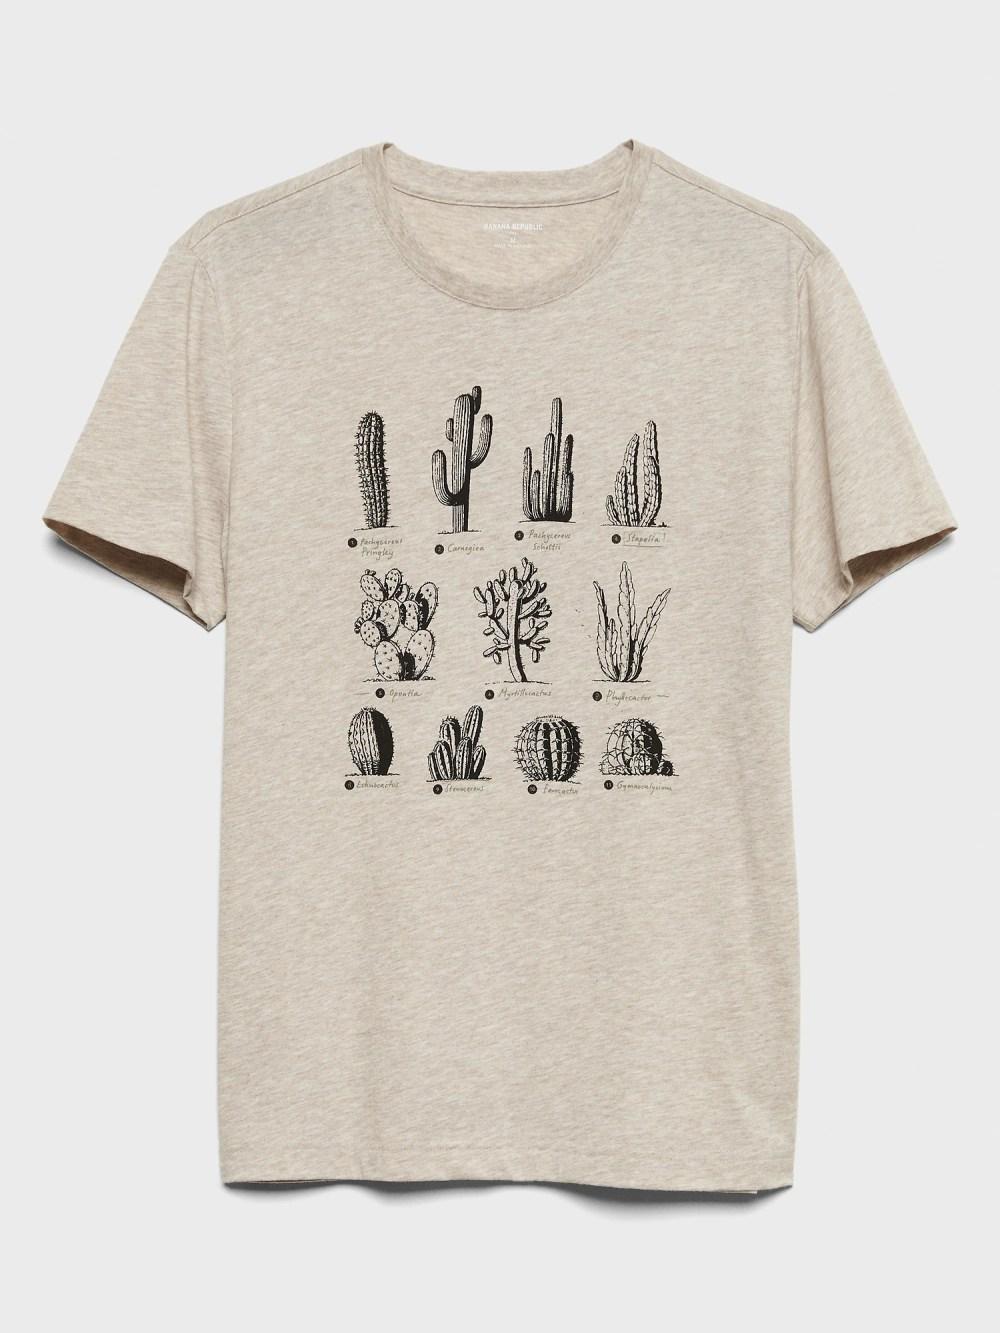 medium resolution of cactus diagram graphic t shirt